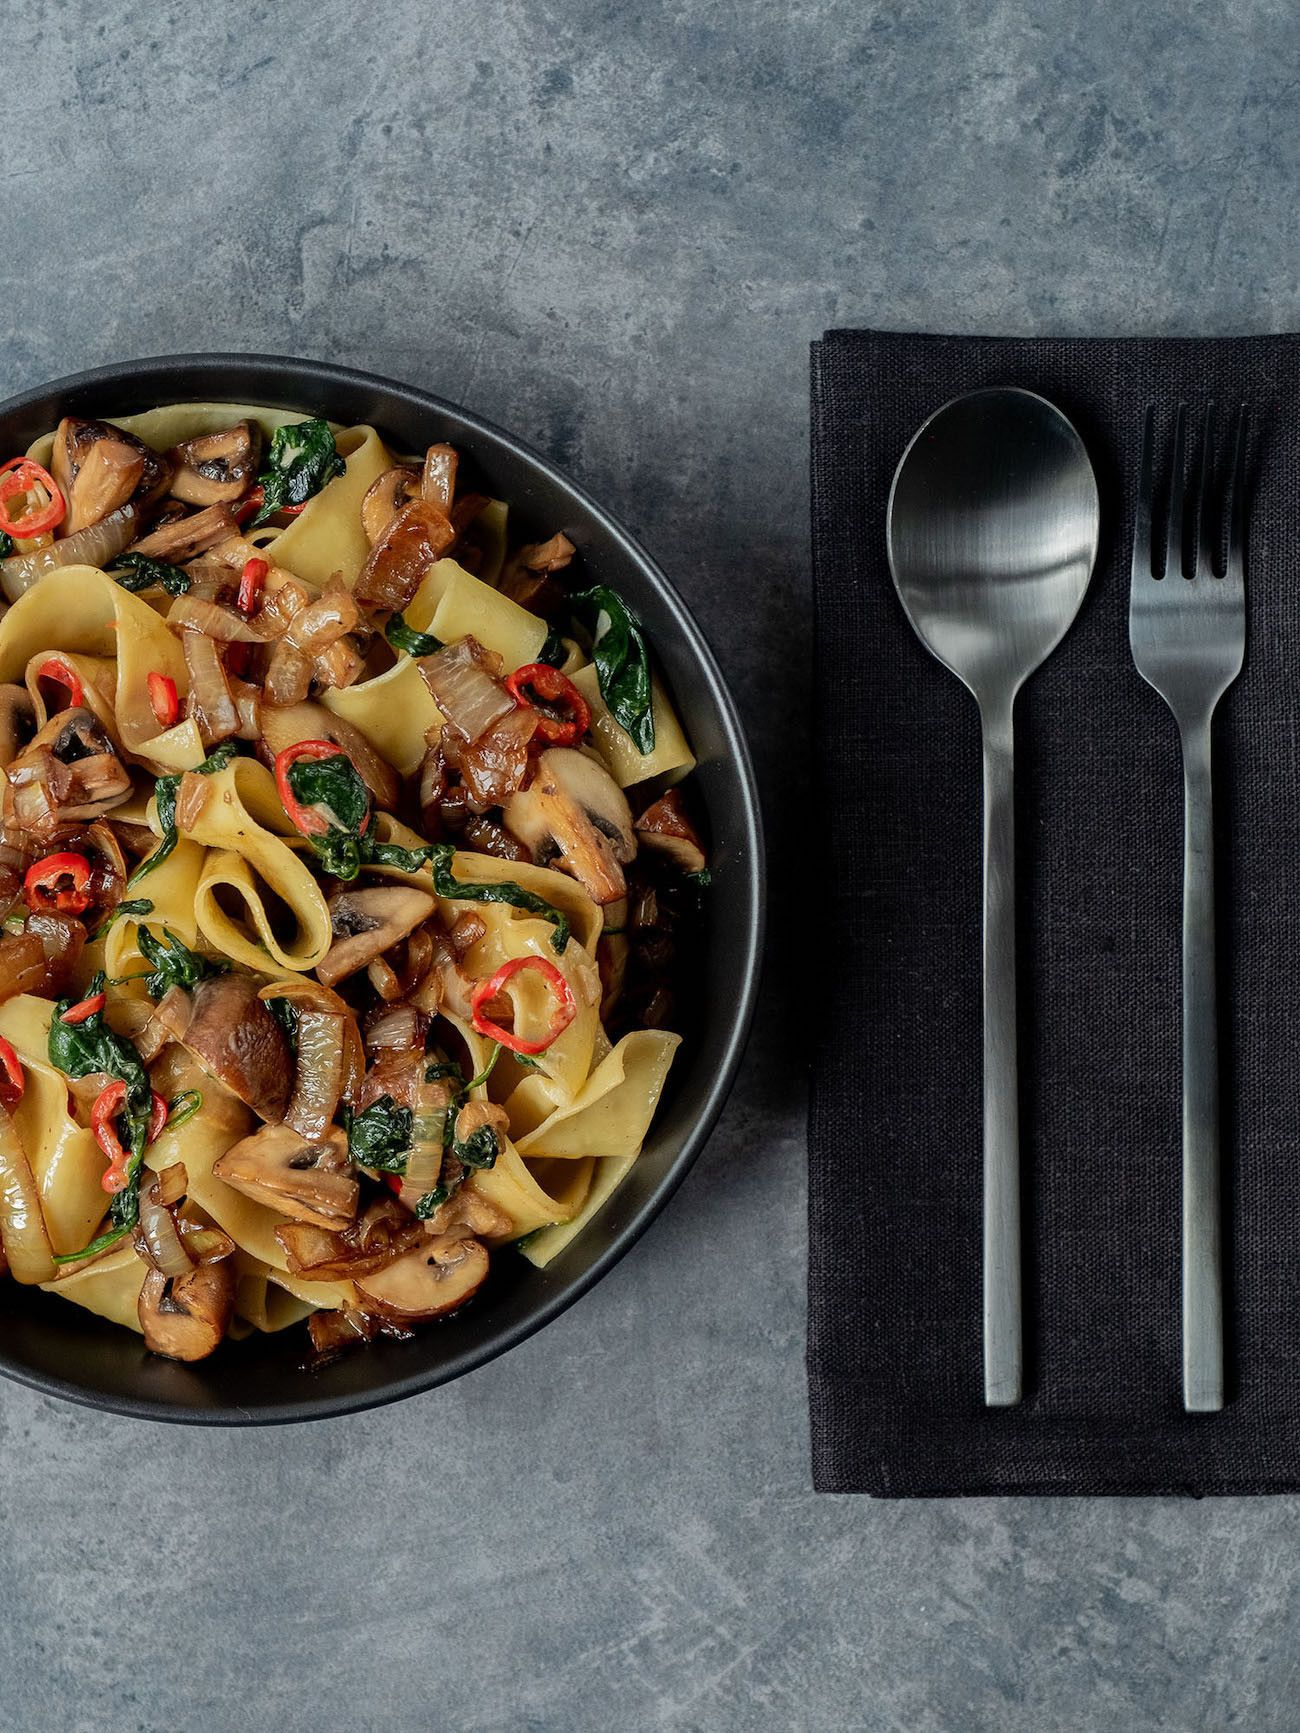 Foodblog About Fuel_Papardelle mit Champignons, Spinat und Balsamico Zwiebeln, Besteck, Teller, Löffel, Gabel, Pasta